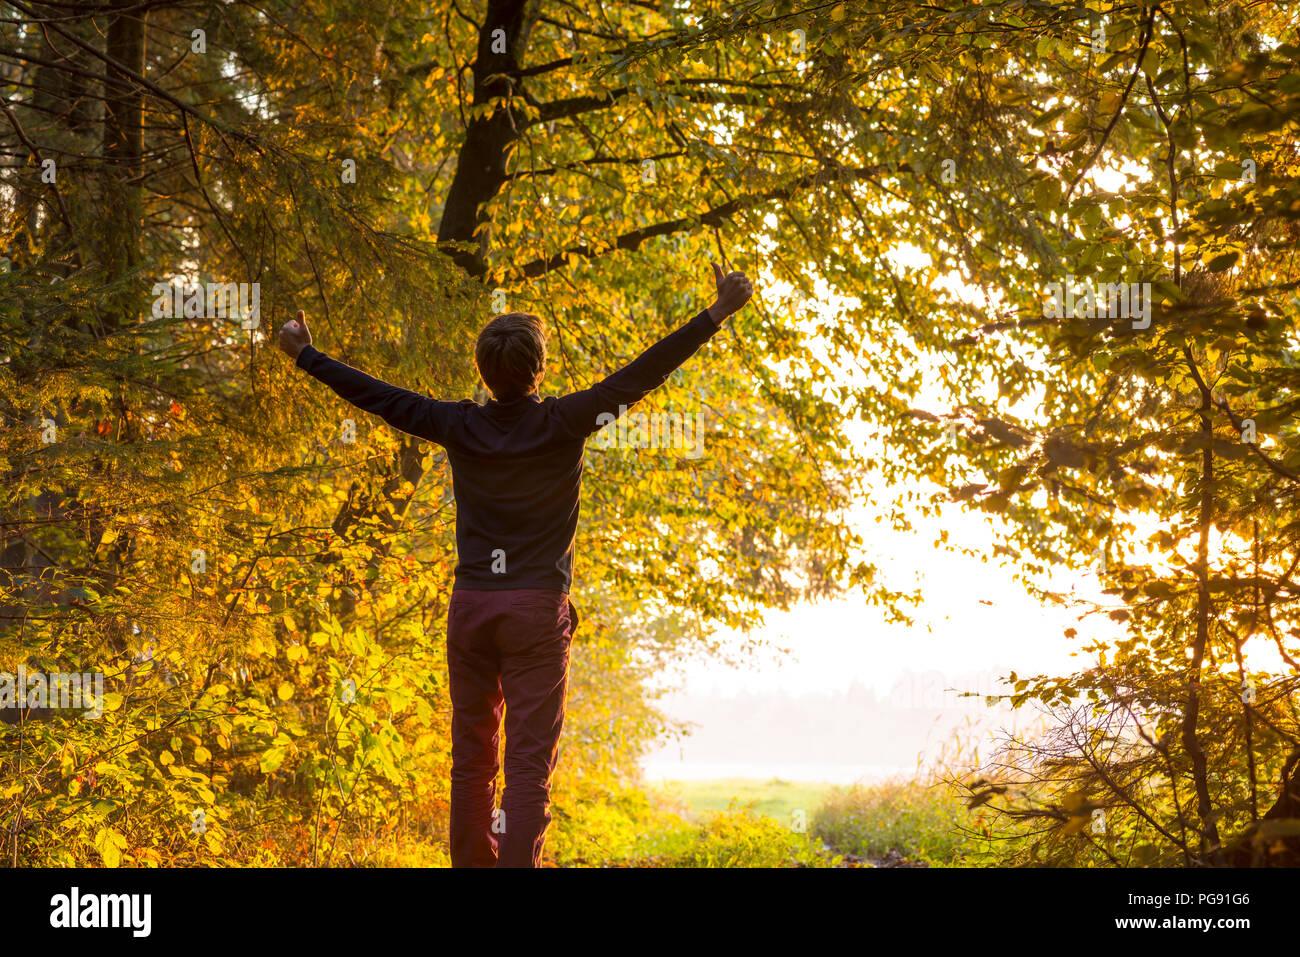 Joven parado en el borde del área boscosa levanta los brazos en celebración orientado hacia una brillante luz solar esperándolo justo fuera de la palestra Imagen De Stock